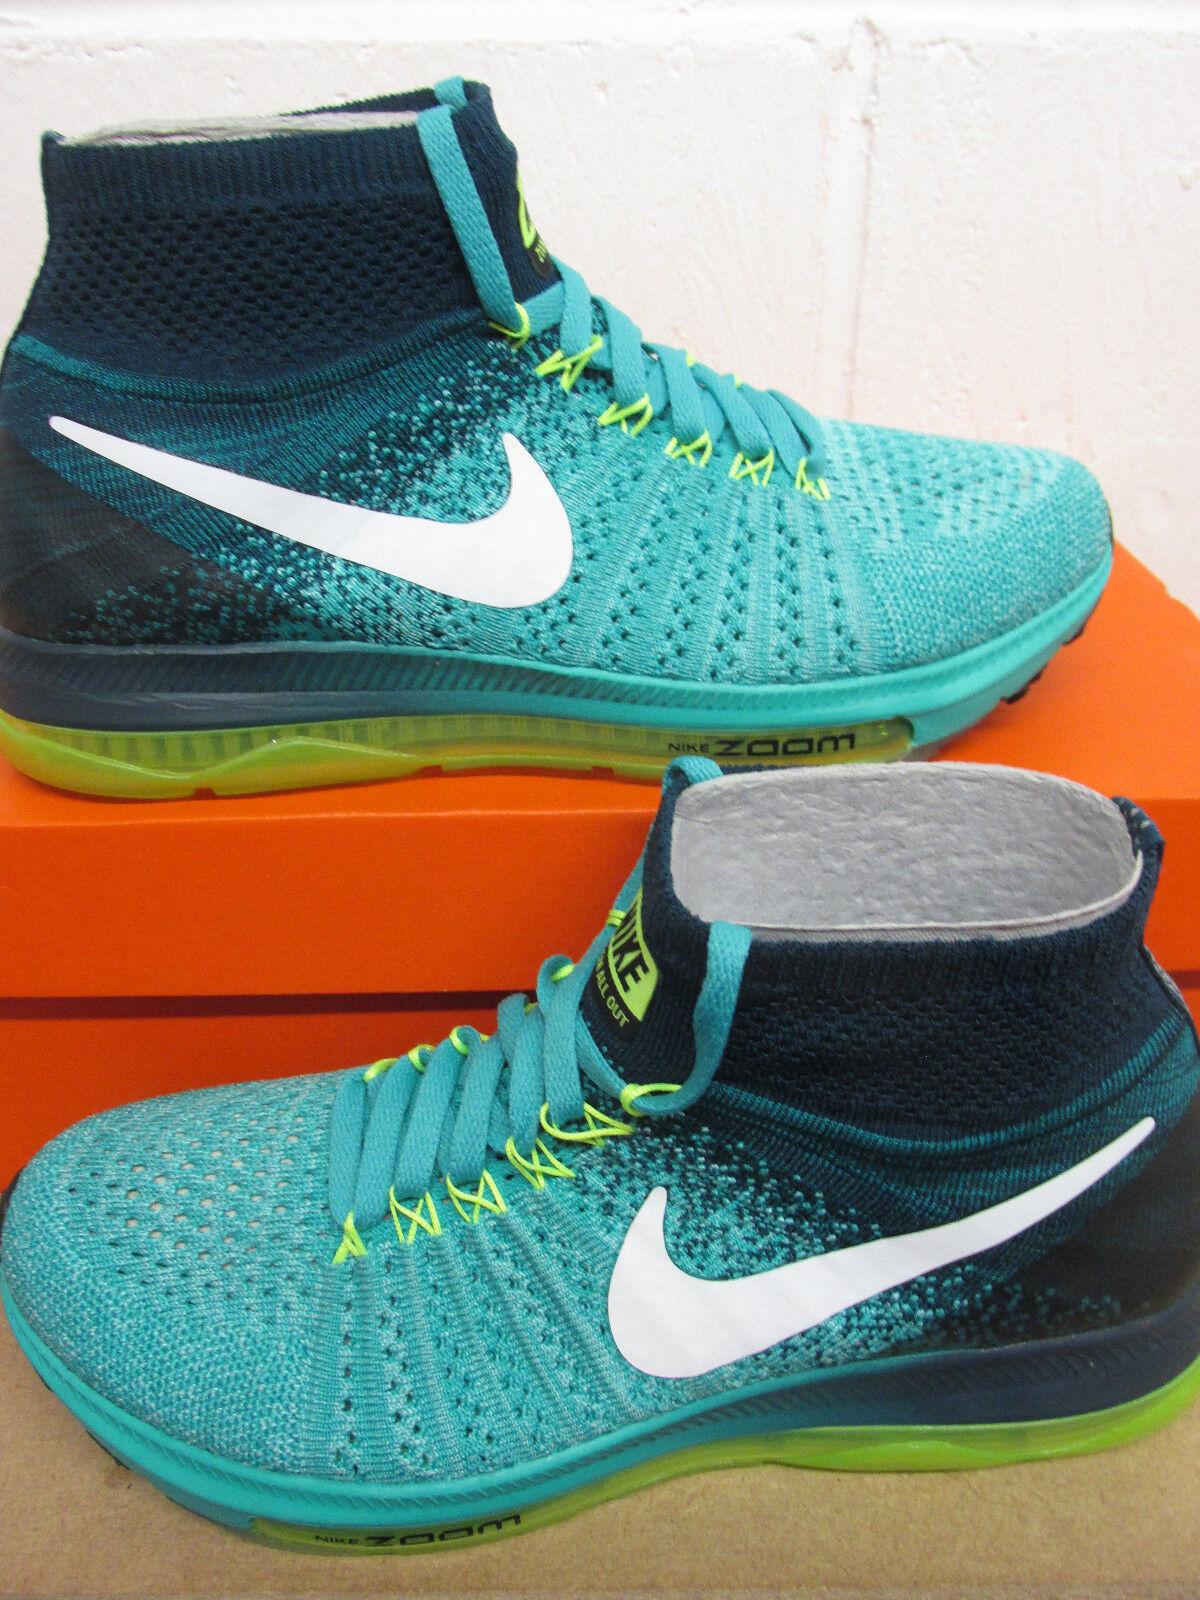 Nike Damen Zoom Alle Draußen Flyknit Laufschuhe Laufschuhe Flyknit 845361 313 Turnschuhe ef9a31